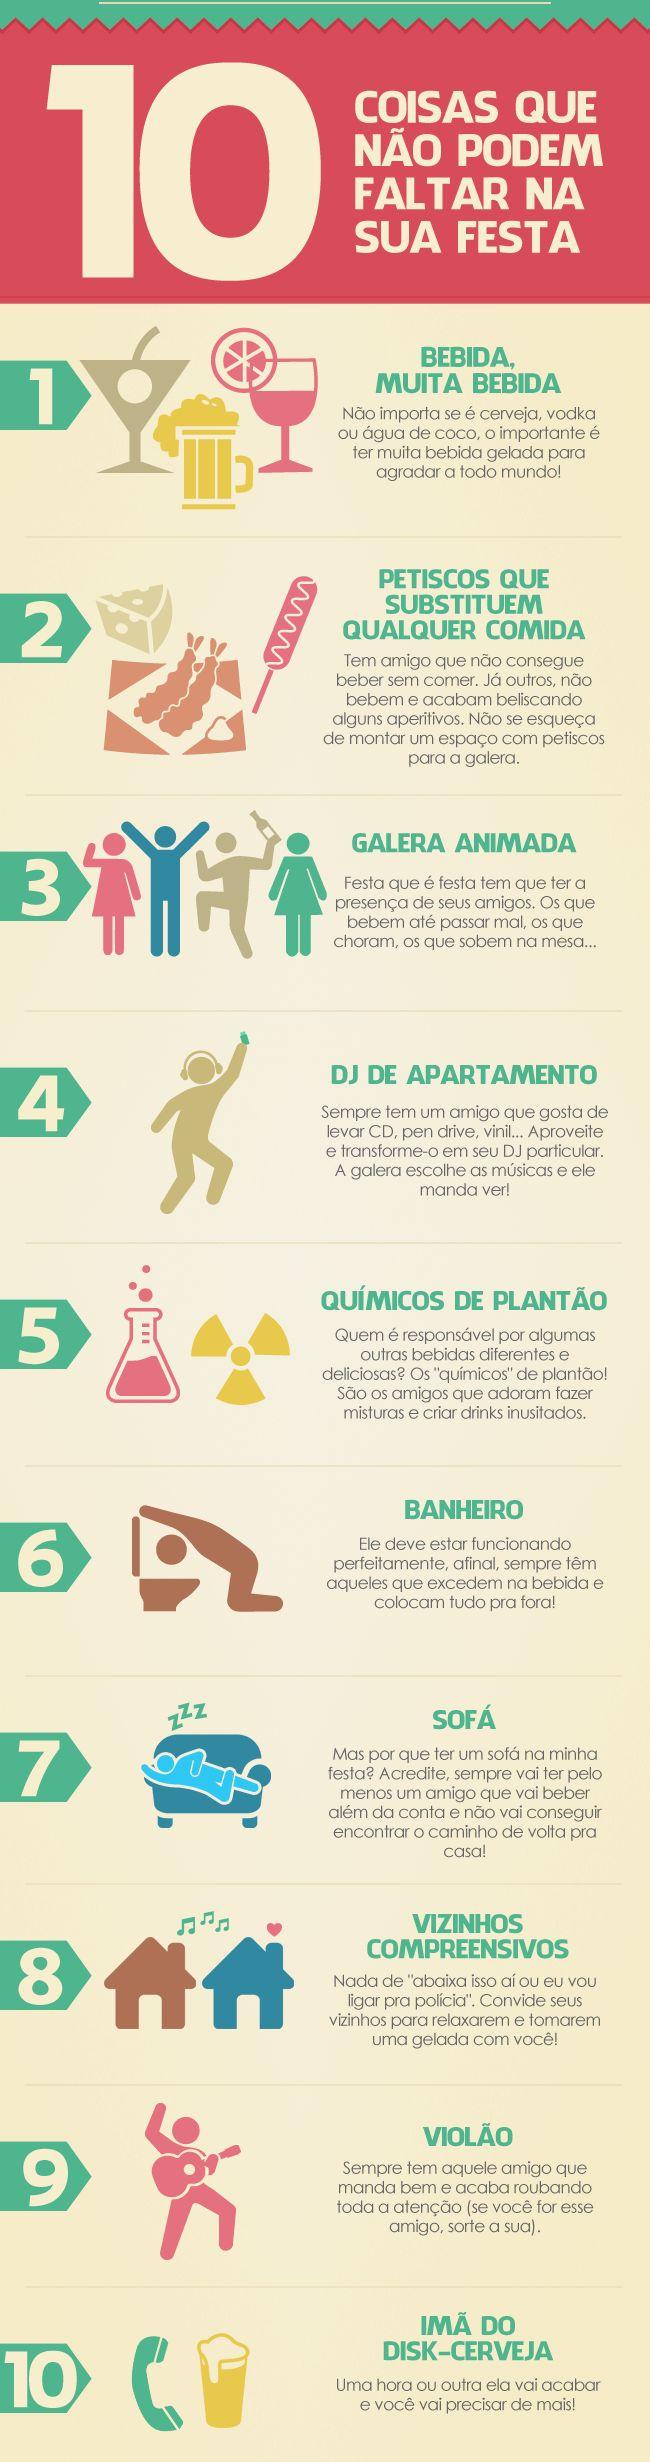 10 coisas que não podem faltar na sua festa! www.festabox.com.br